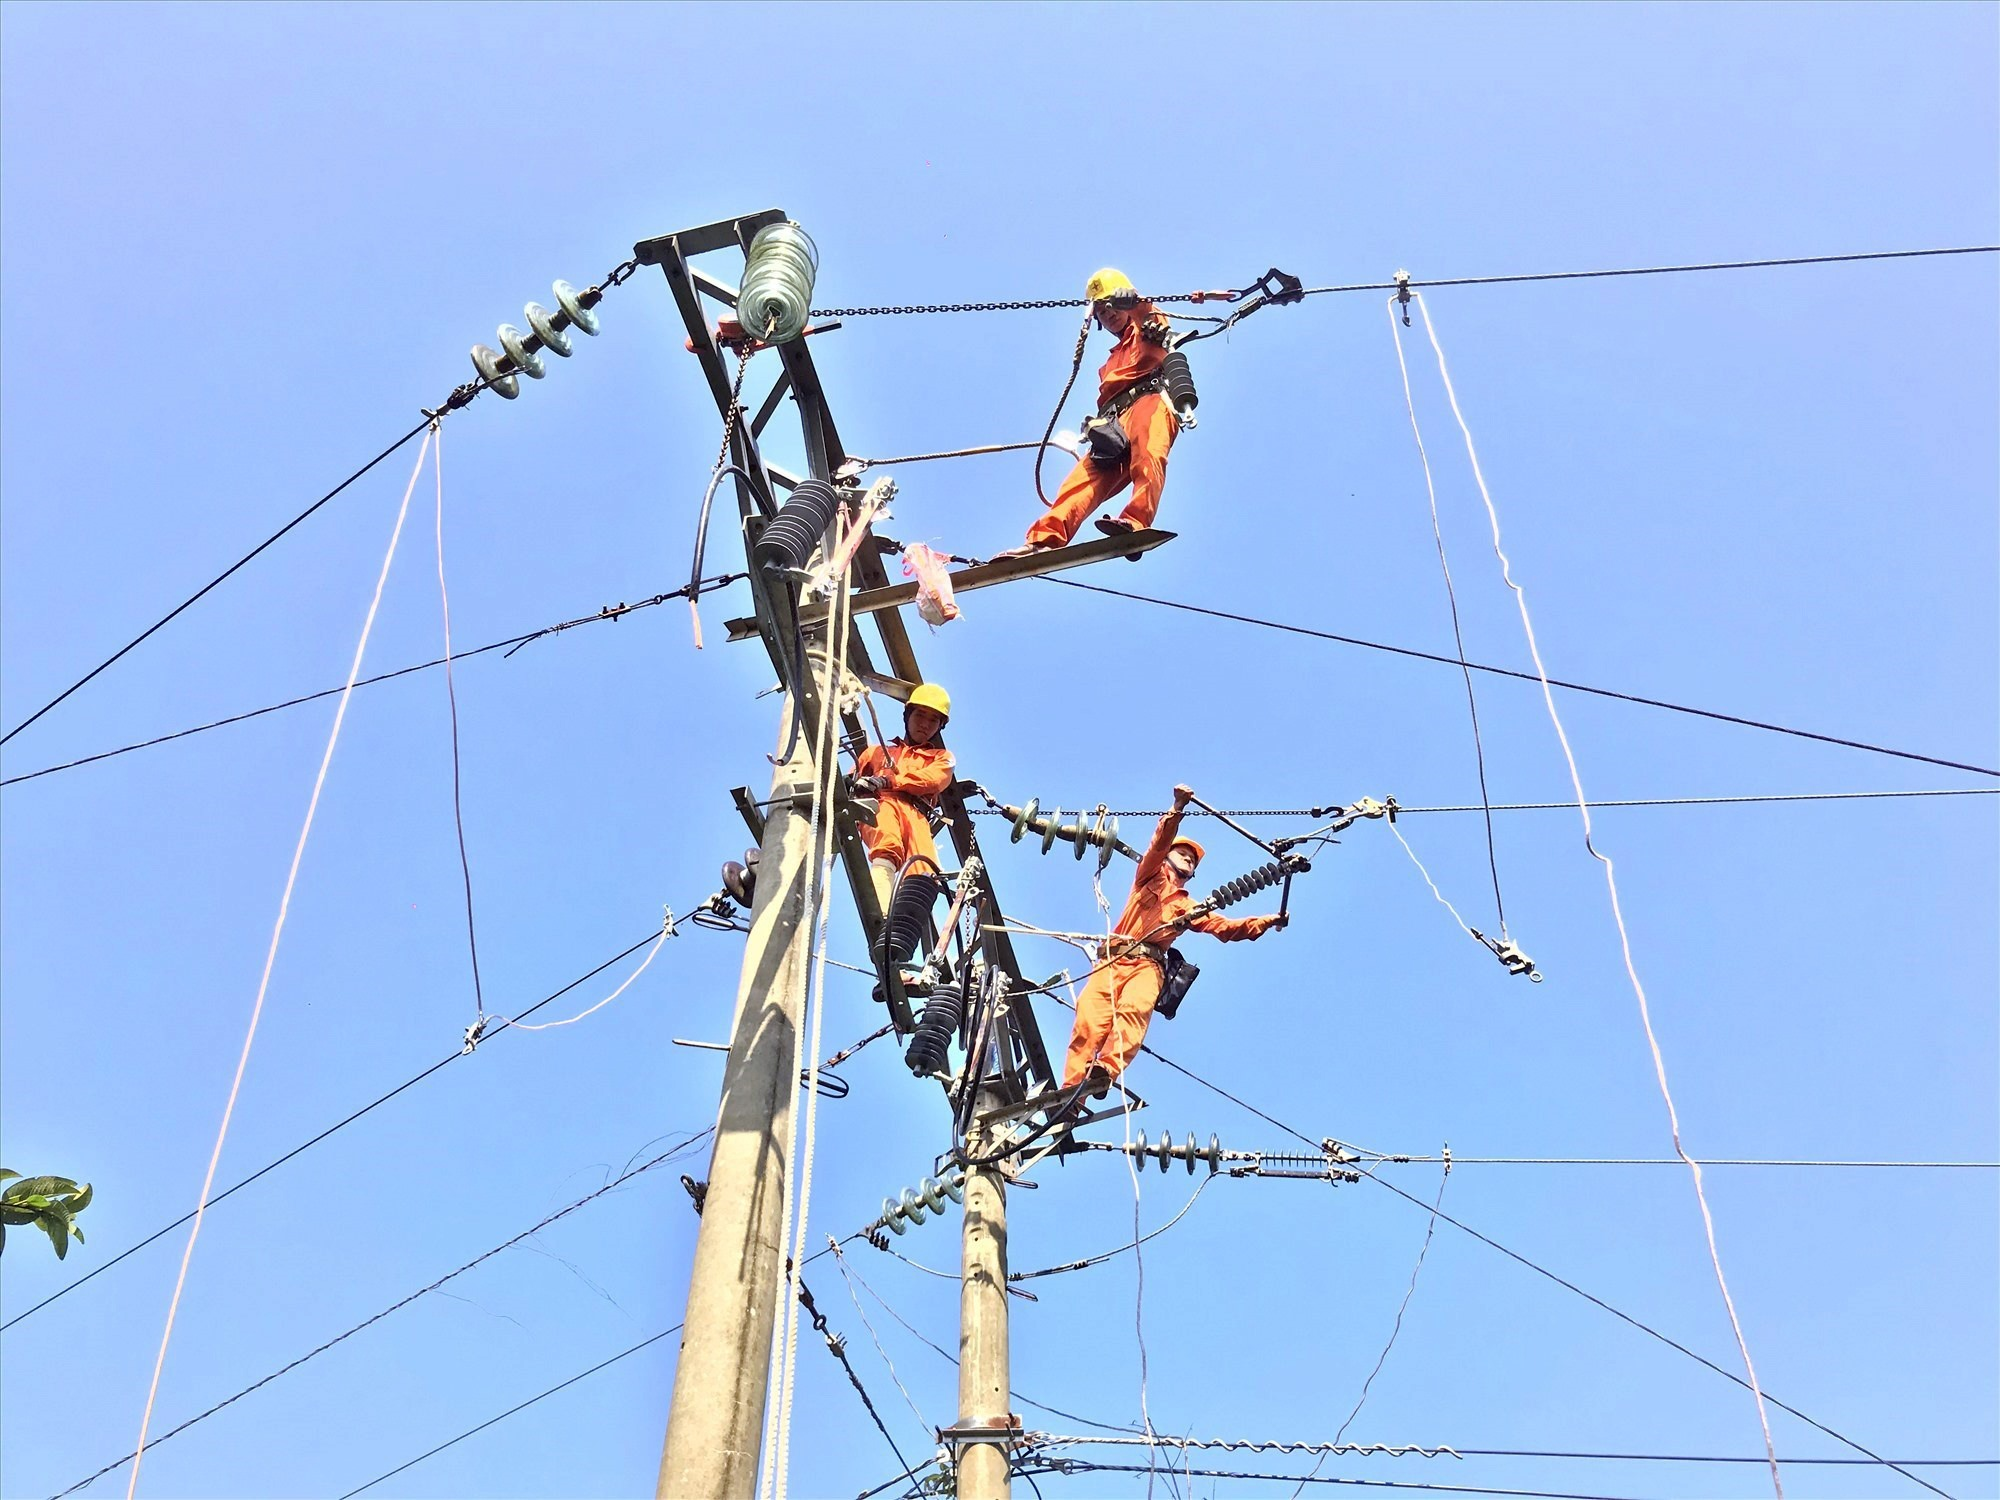 Điện lực Duy Xuyên áp dụng camera nhiệt trong vận hành lưới điện. Ảnh: Đ.H